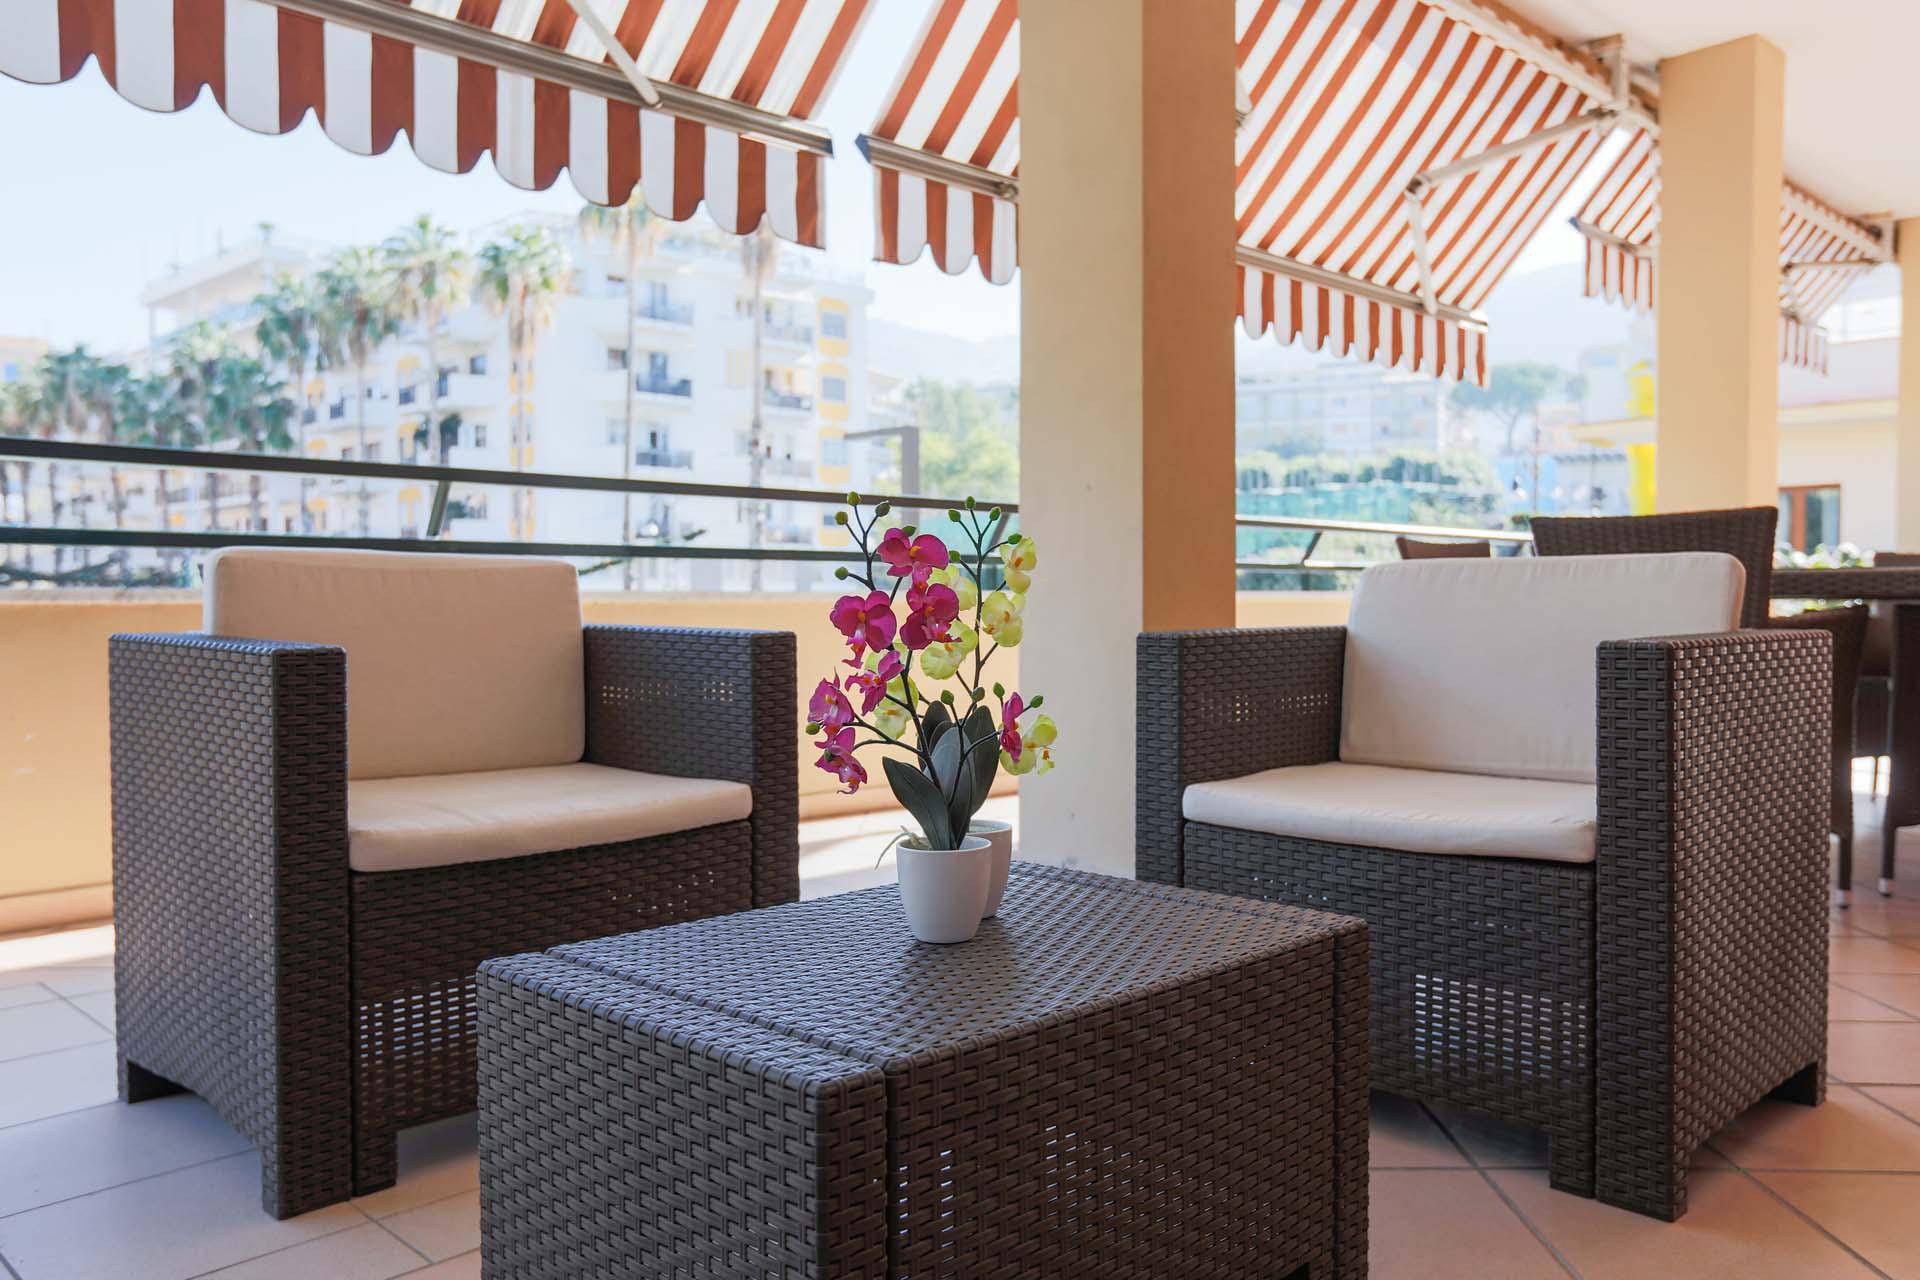 Conny's luxury maison terrace